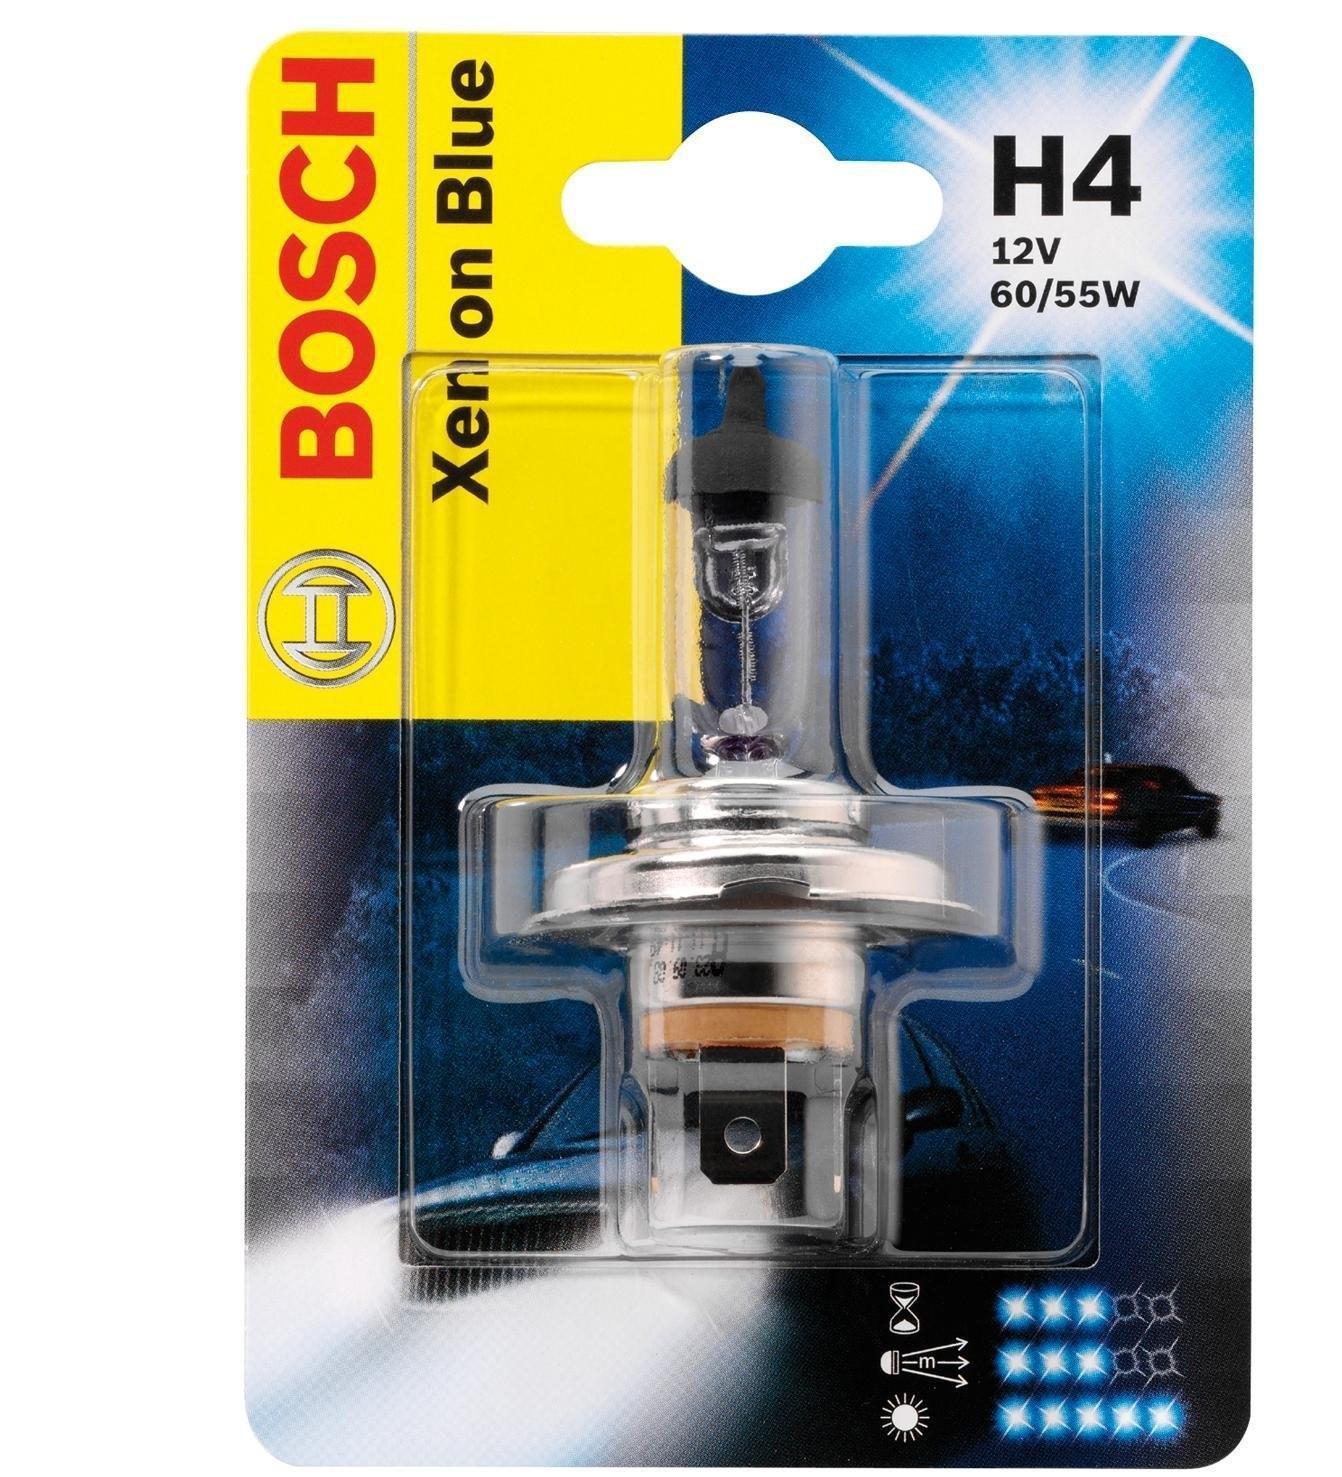 Лампа Bosch Xenon Blue H4 60/55Вт 19873010101987301010Новые лампы Bosch для галогенных фар освещают дорогу интенсивным белым светом, который очень близок по свойствам к дневному освещению.Благодаря этому глаза водителя не теряют фокусировки и меньше устают даже во время долгих поездок в темное время суток. Новые лампы отличаются высокой яркостью и могут давать до 50% больше света, чем стандартные галогенные фары. Лампы Bosch доступны в вариантах H1, H4 и H7. Серебряное покрытие ламп H4 и H7 делает их едва заметными за стеклами выключенных фар. Новые лампы выглядят наиболее эффектно в сочетании с фарами из прозрачного стекла и подчеркивают современный дизайн автомобилей. Увеличенная яркость и дальность освещения положительно сказывается на безопасности движения. В темное время суток или в сложных погодных условиях, таких как ливень или густой туман, водитель замечает опасную ситуацию намного раньше и на большем расстоянии, при этом лучше заметен и сам автомобиль с фарами Bosch. Напряжение: 12 вольт